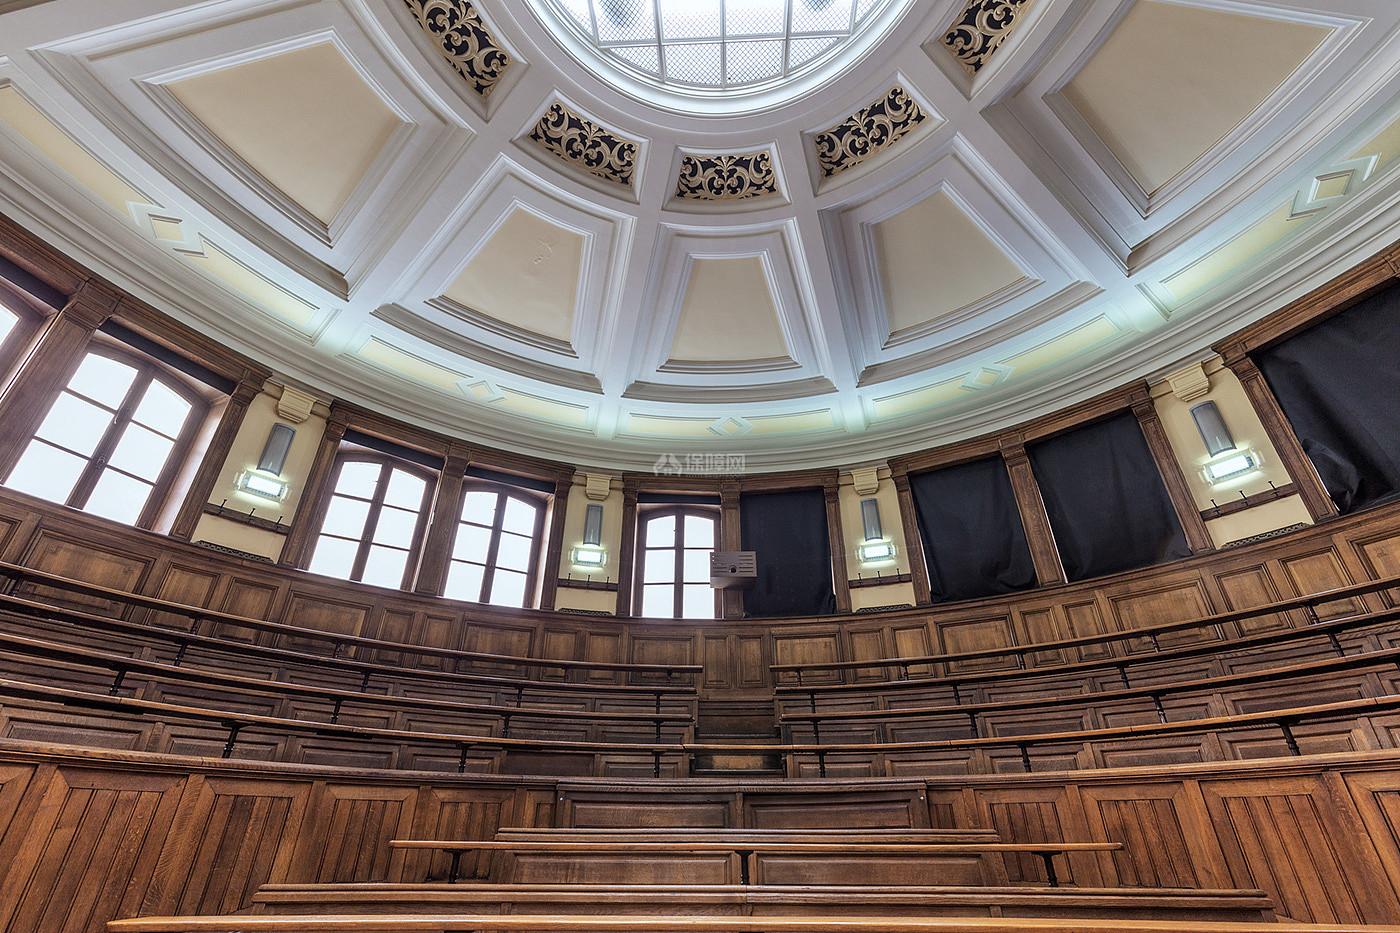 阶梯教室文化场馆之创意吊顶设计效果图